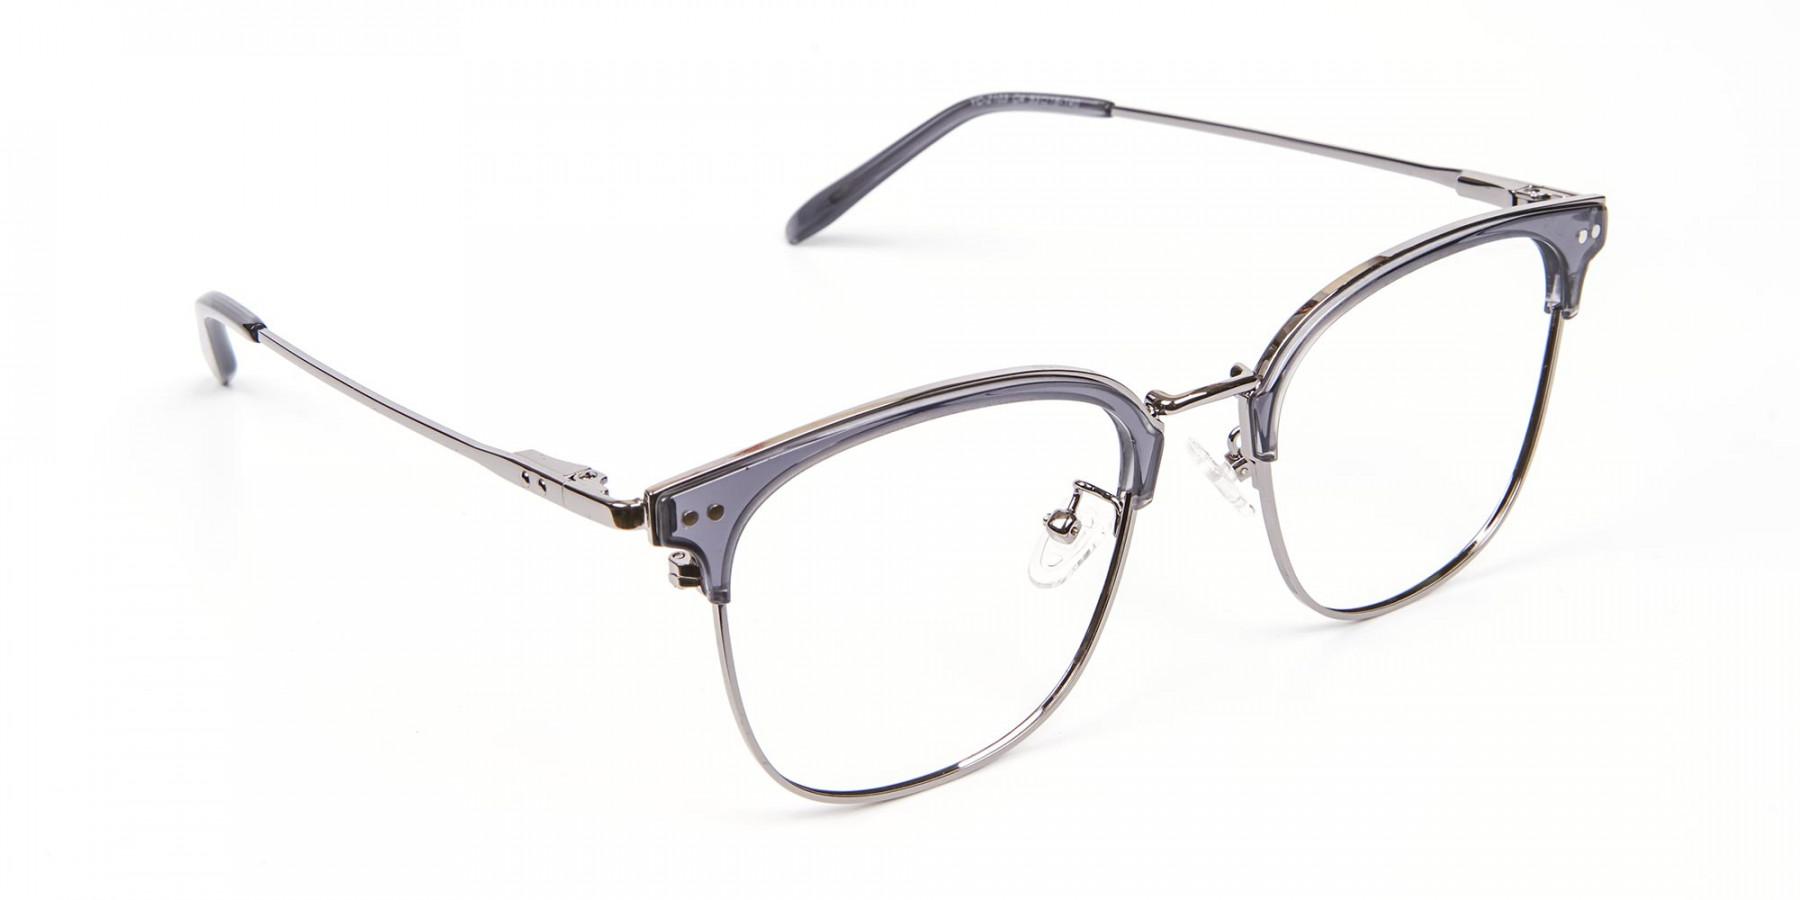 Square Framed Glasses - 1